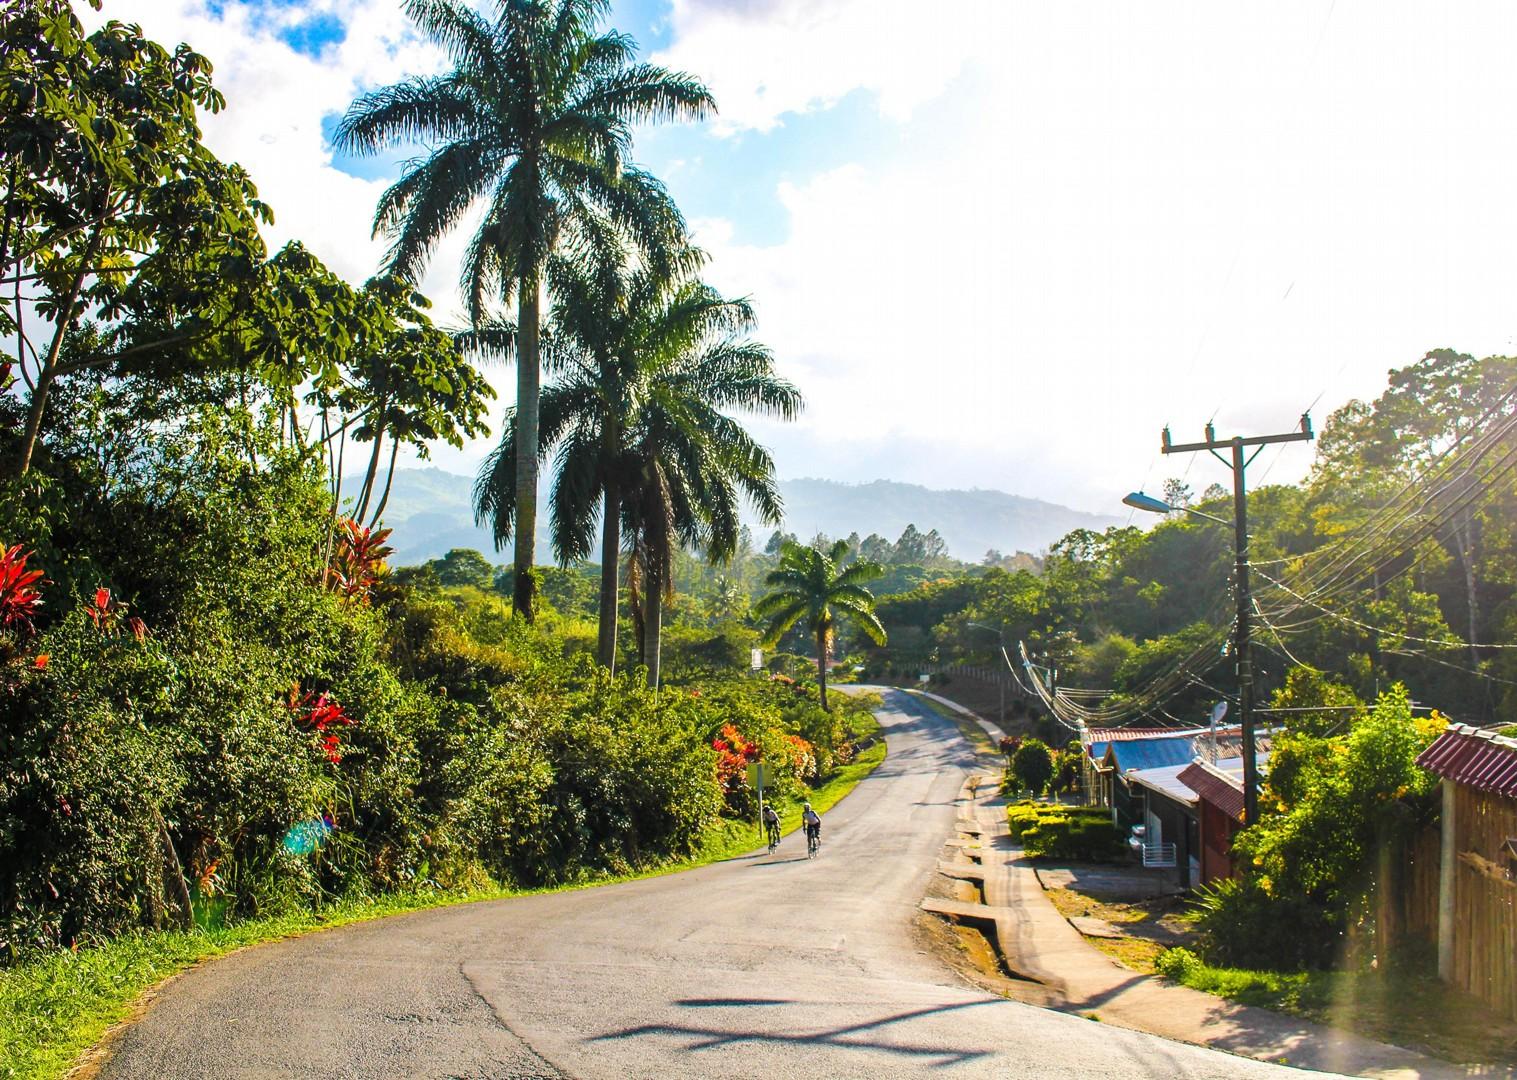 IMG_5757.jpg - Costa Rica - Ruta de los Volcanes - Road Cycling